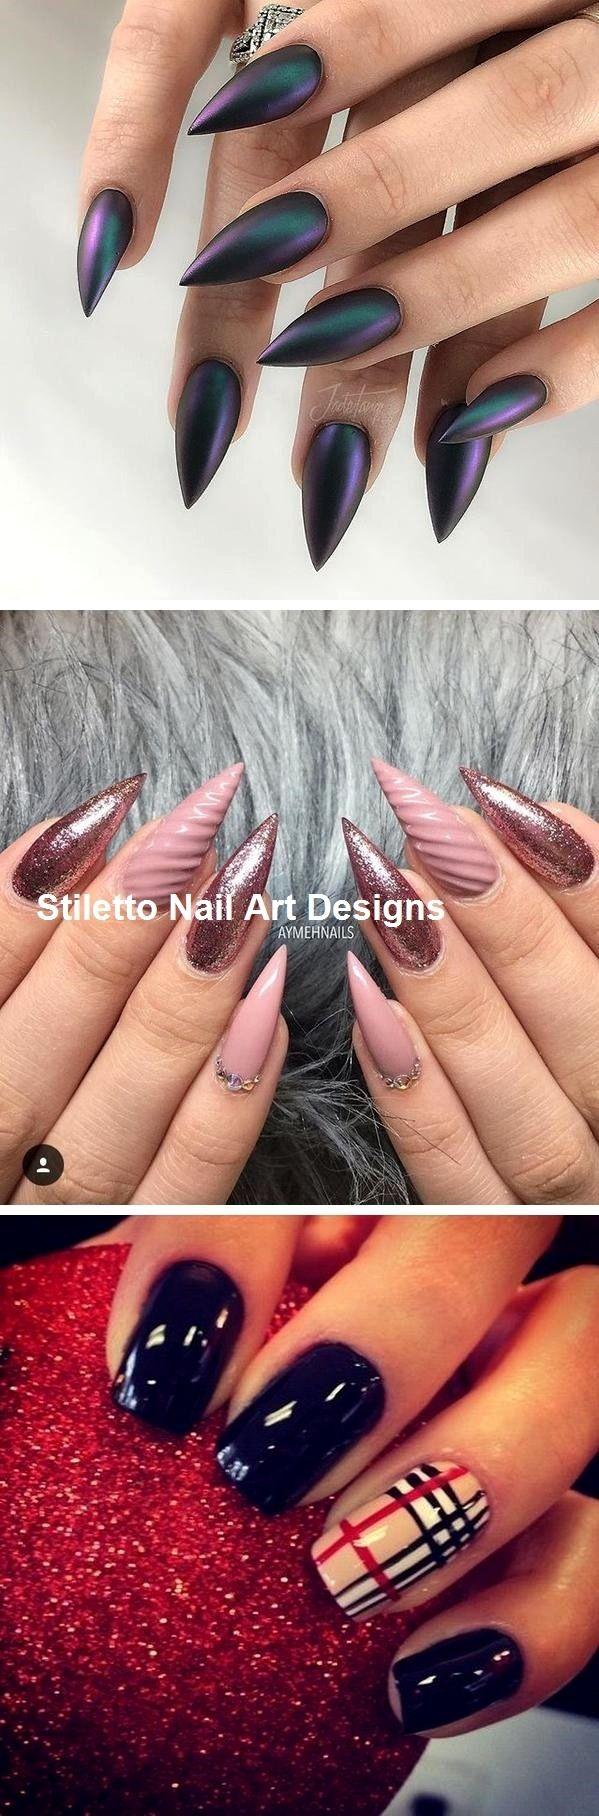 30 Ideen für großartige Stiletto-Nageldesigns #stiletto #stilettonails – nailart